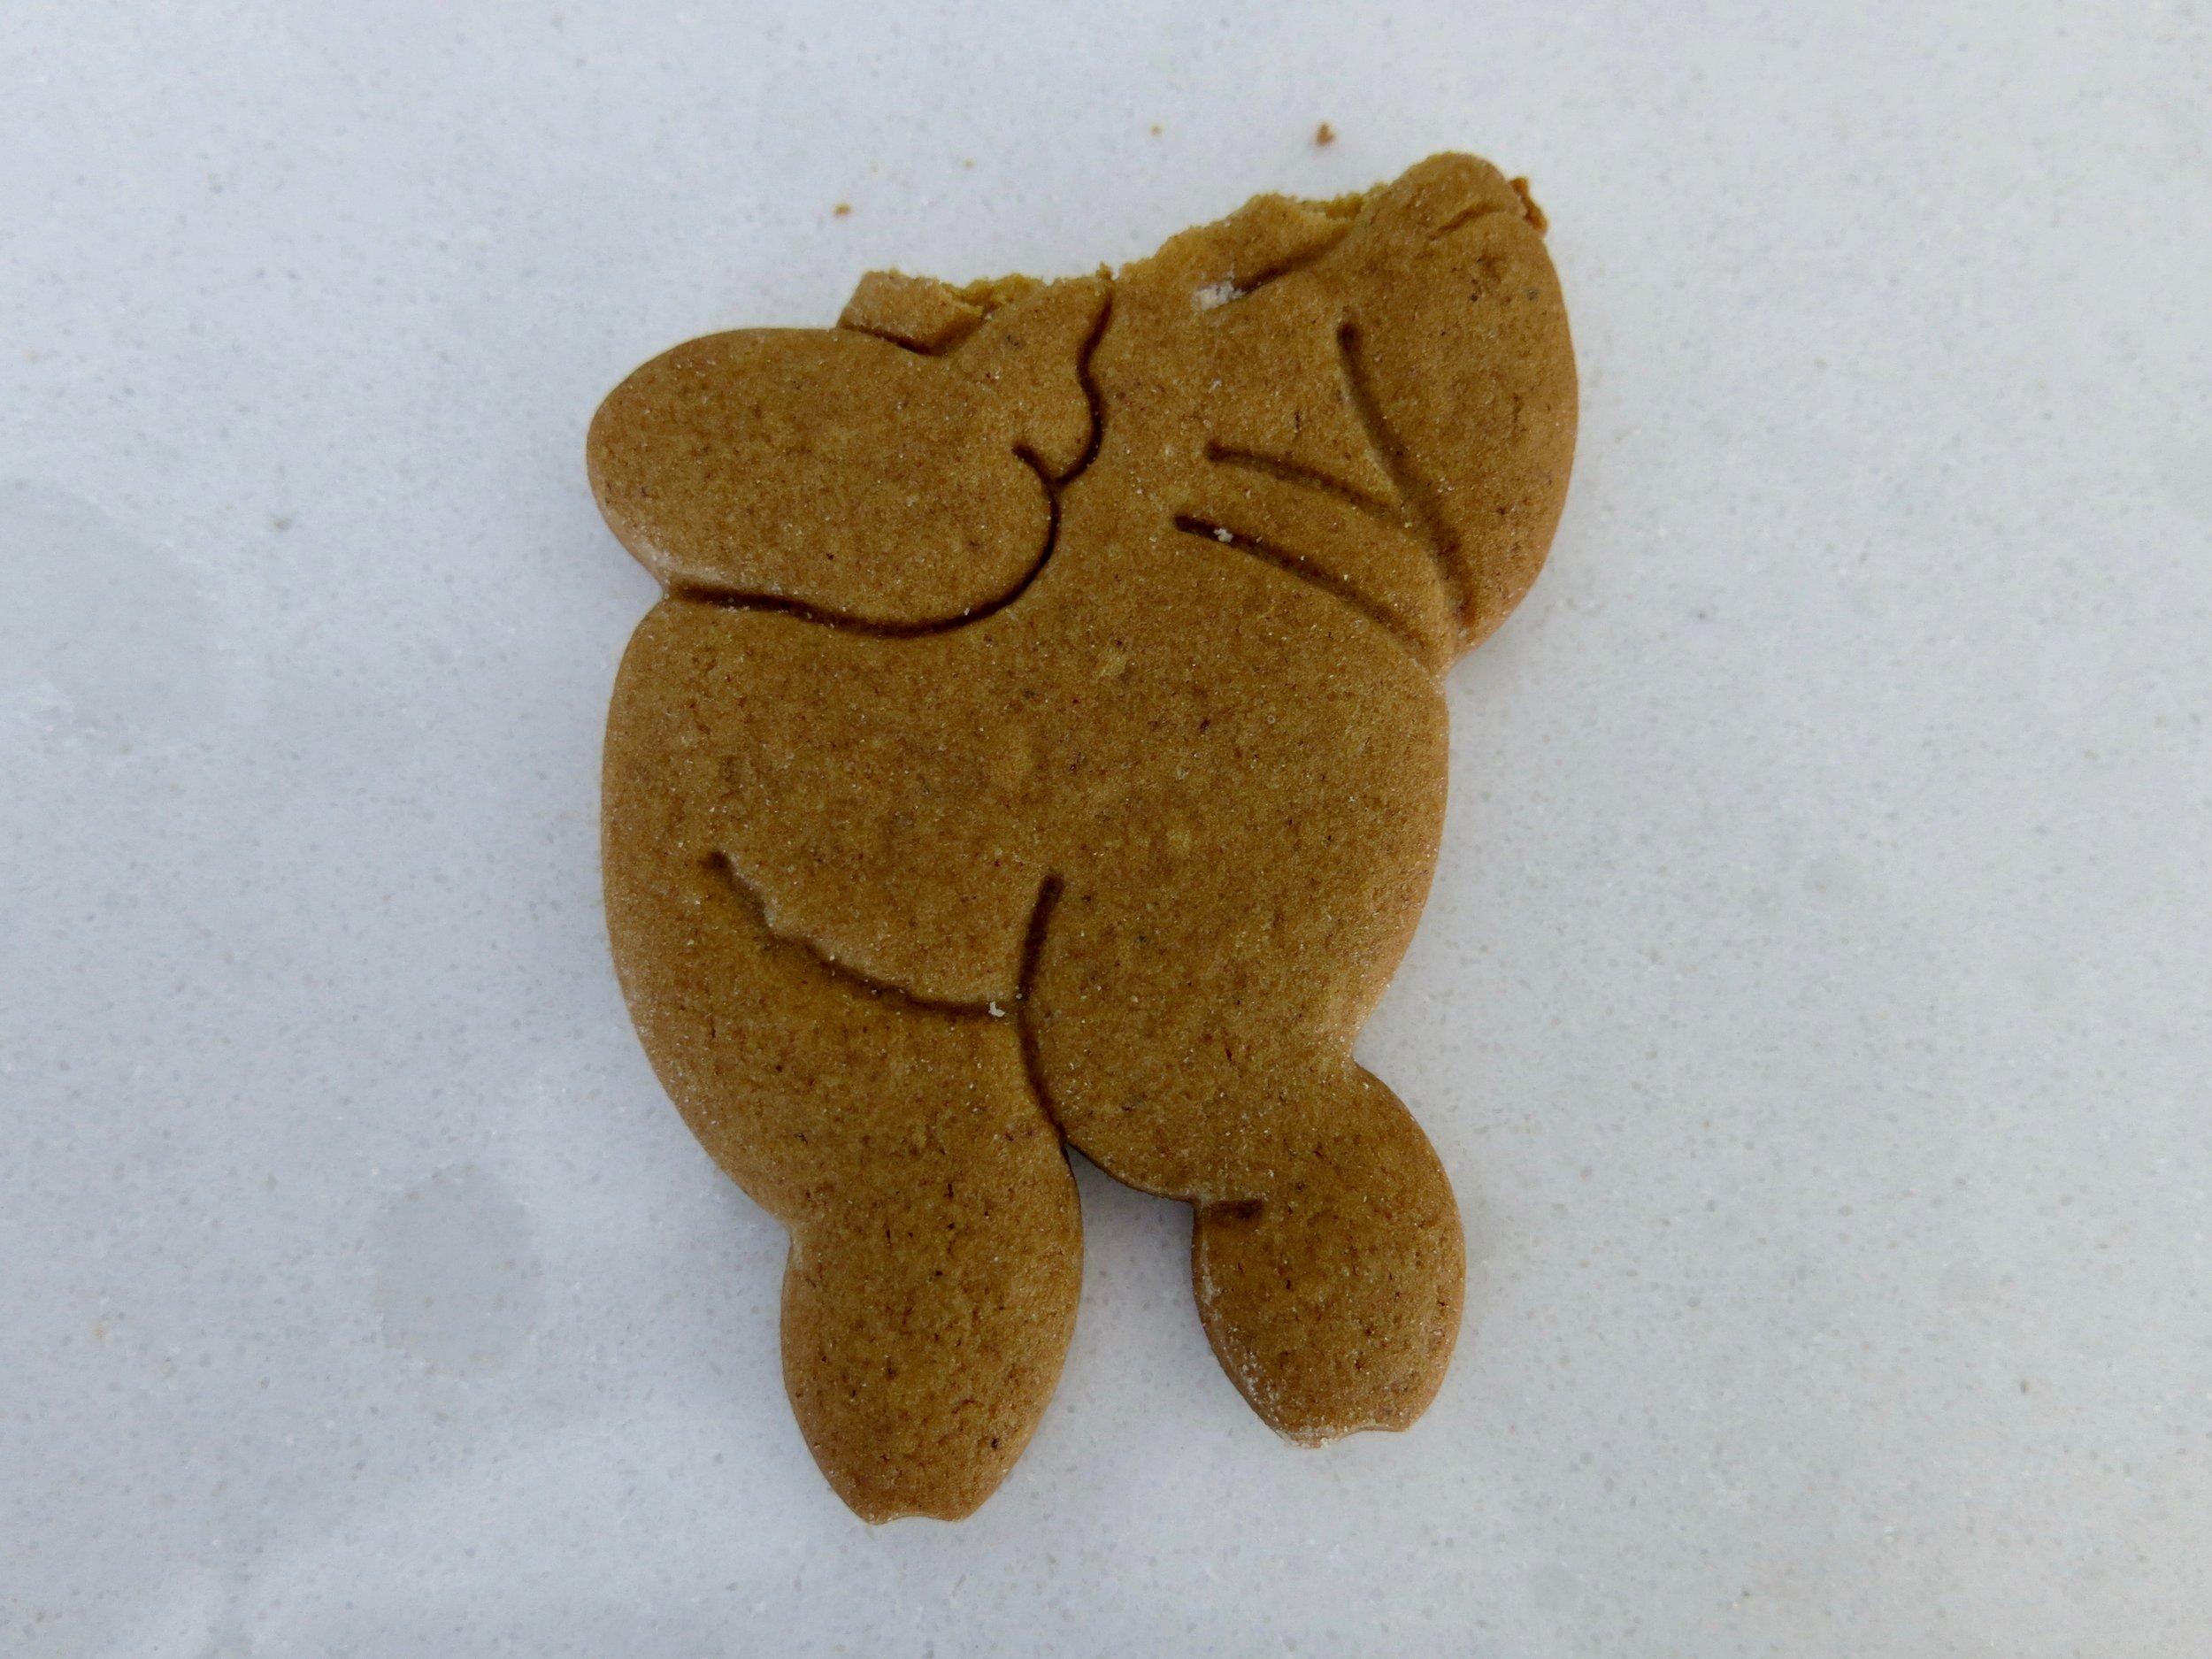 I ate too many cookies. Now I feel like a pig. (Sorry.)